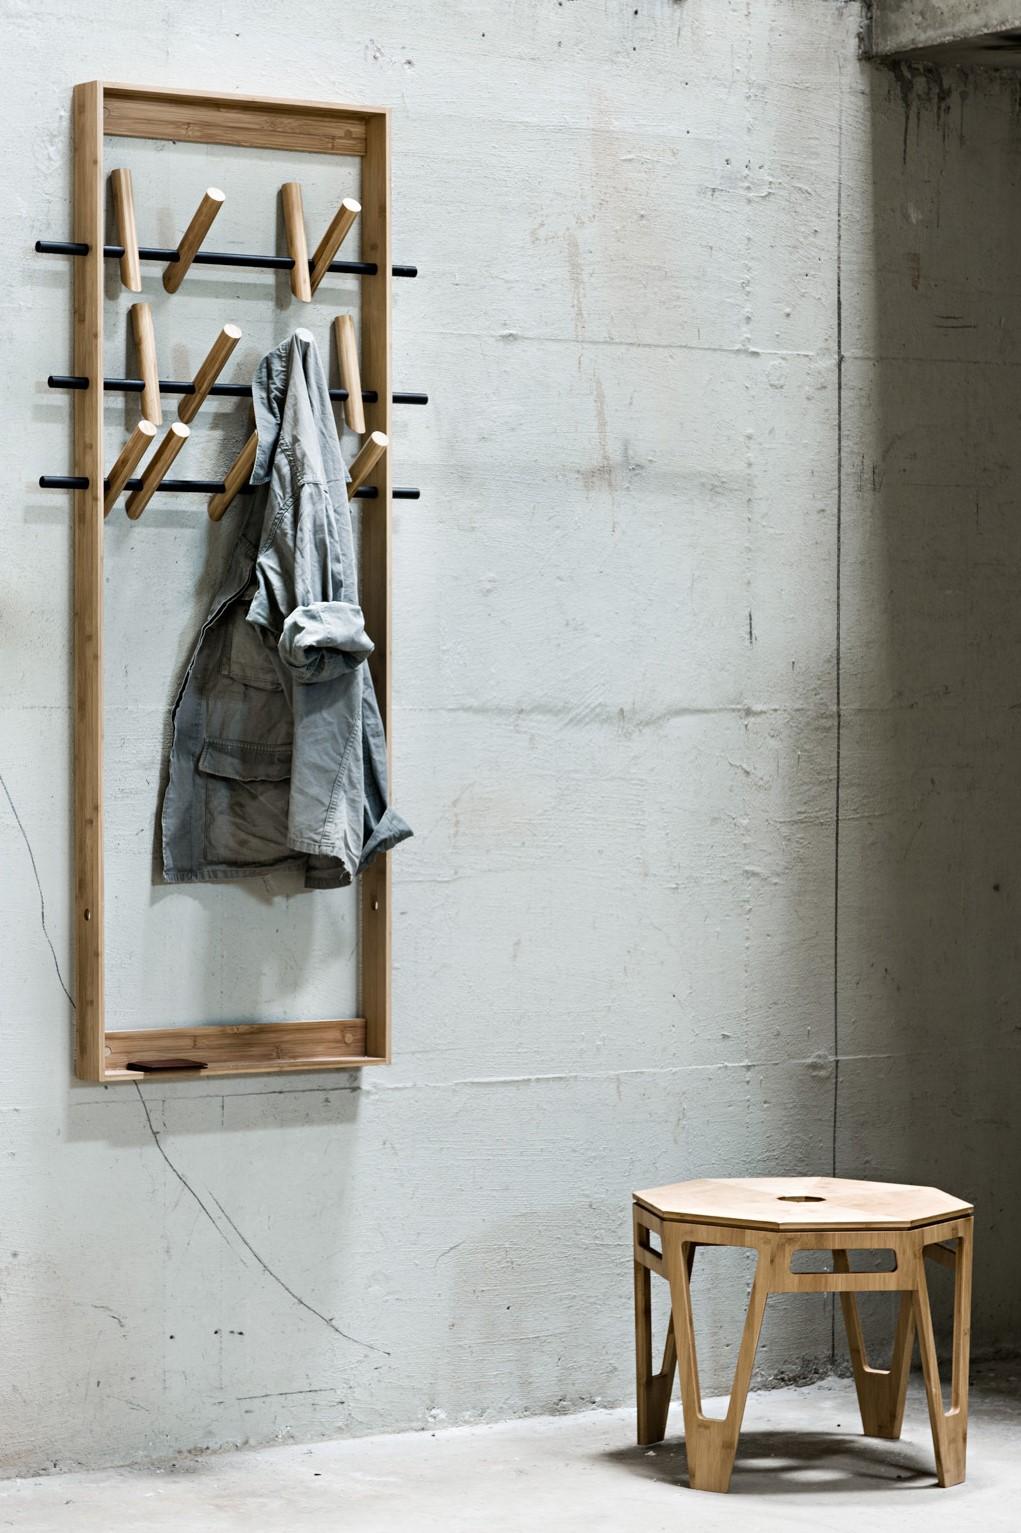 d nisches wohngl ck mit holz hygge i holzdesignpur blog. Black Bedroom Furniture Sets. Home Design Ideas